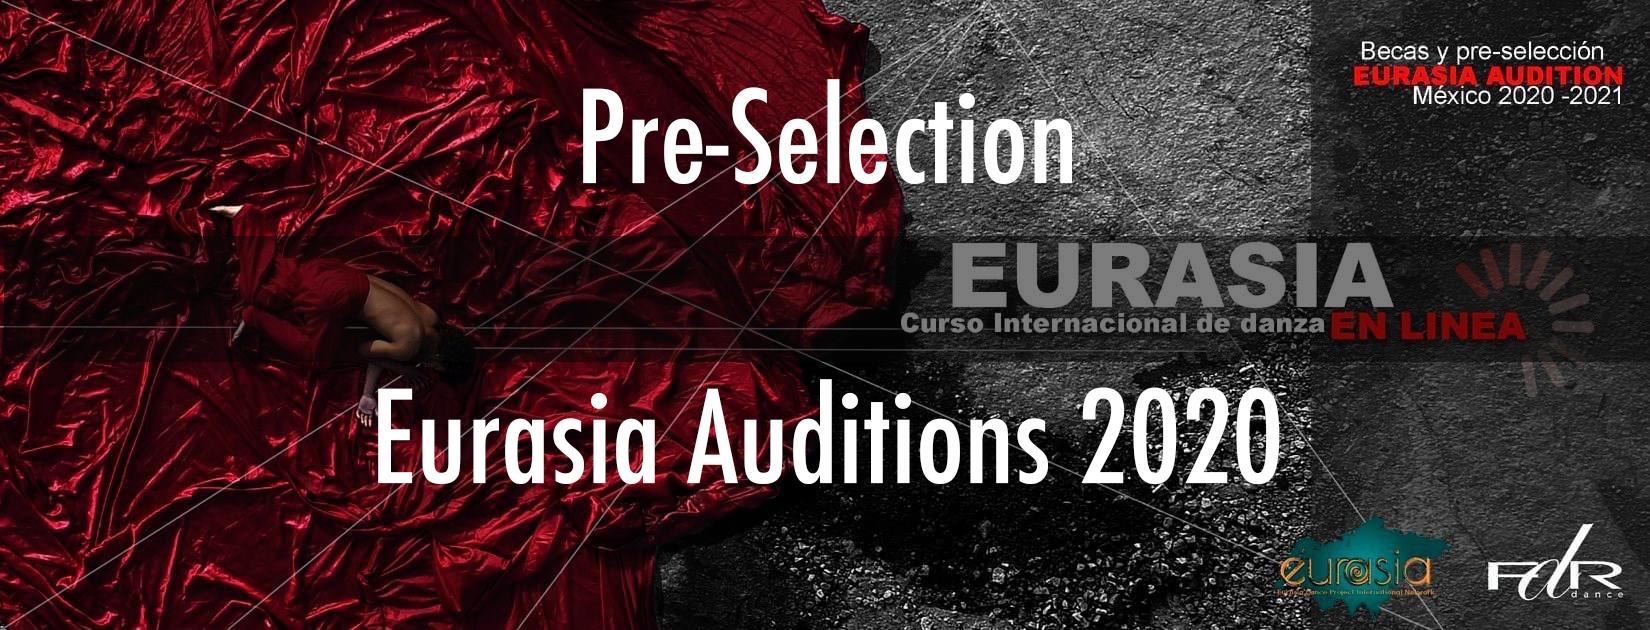 EurAsia - Mexico pre-selection 2020